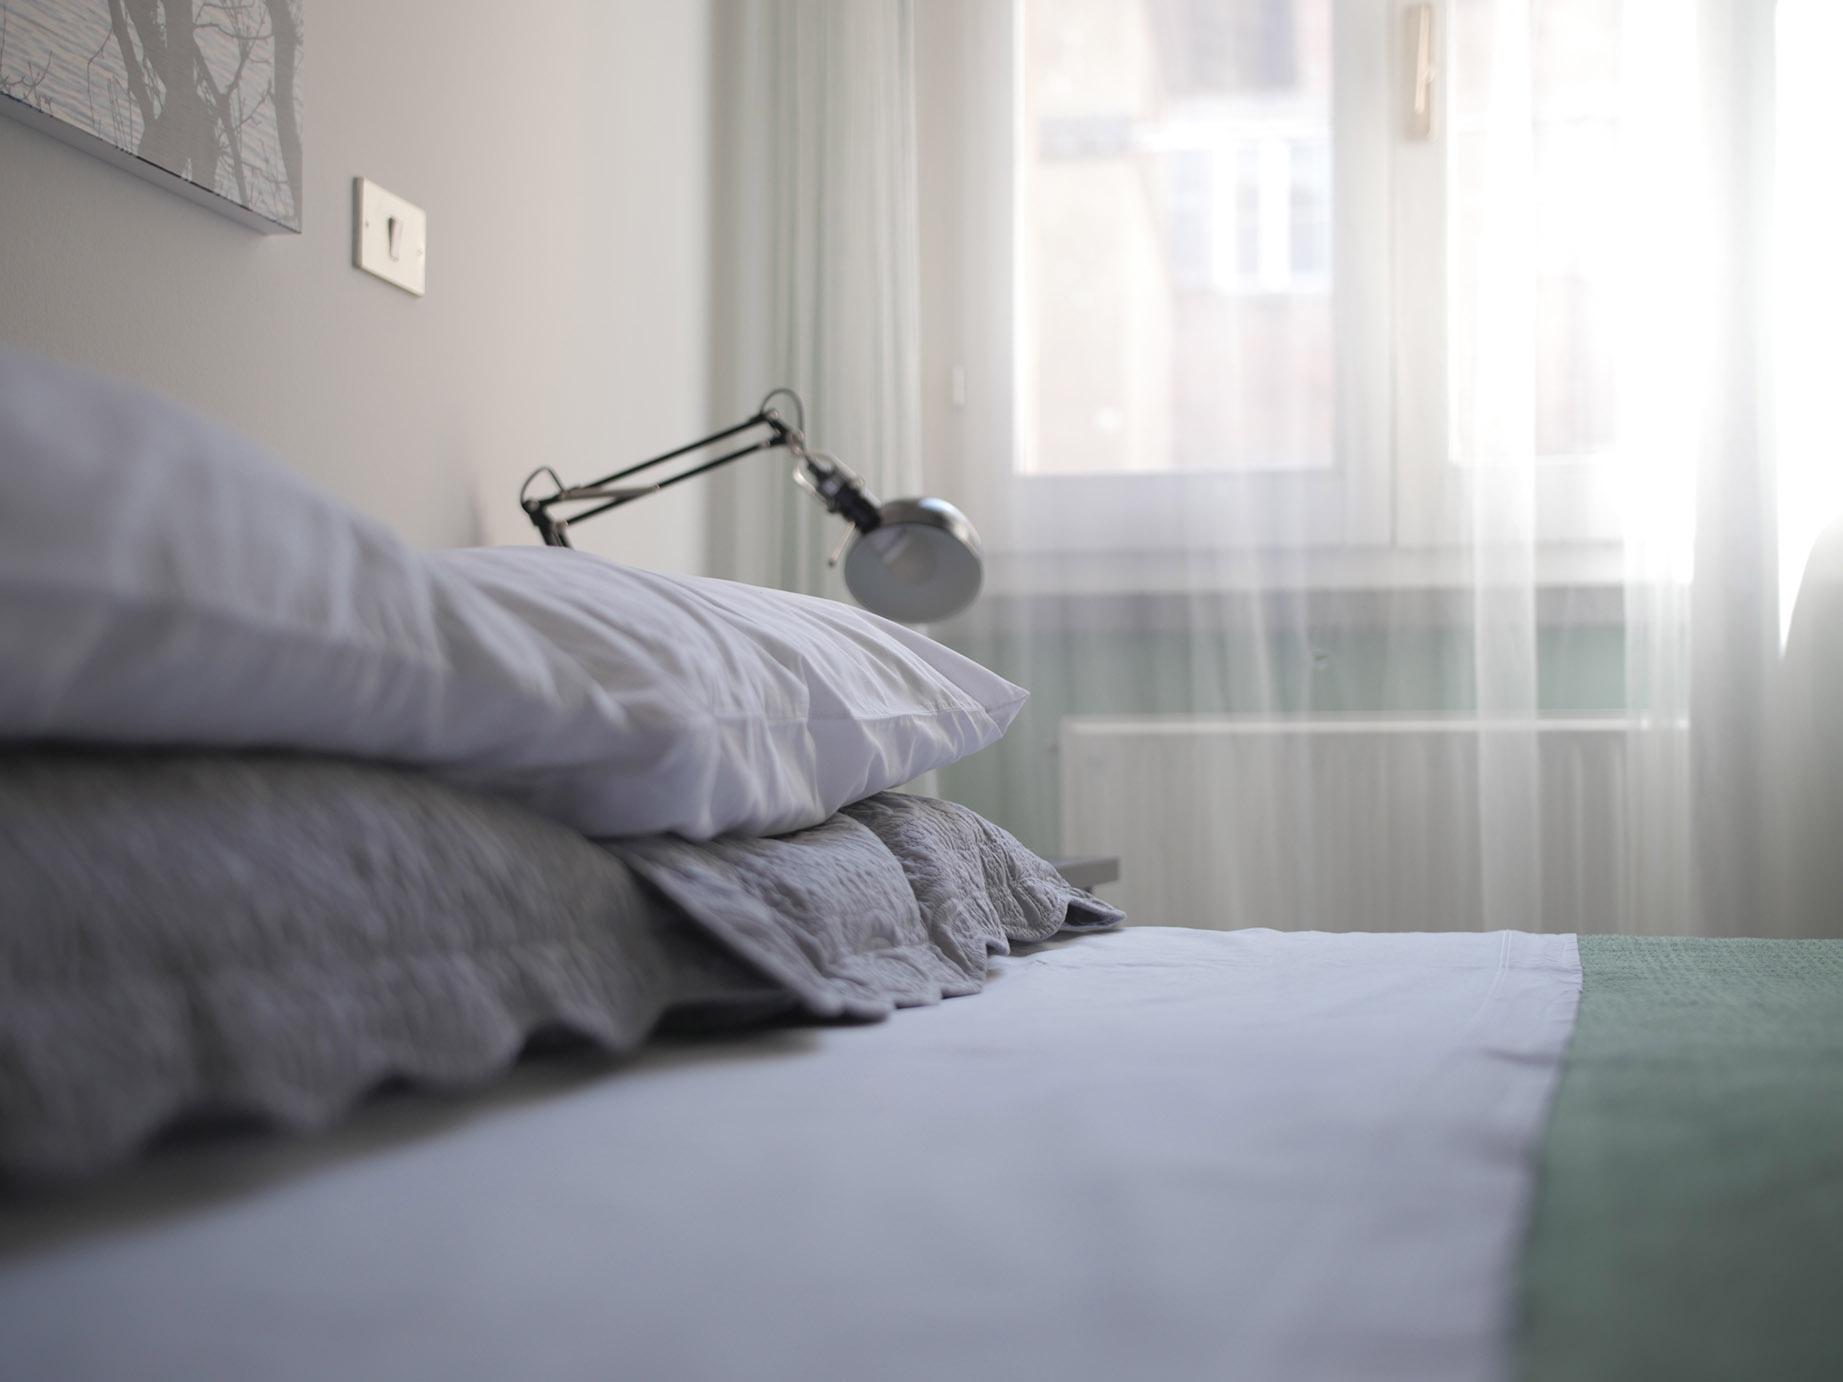 Appartamento Incentro - camera doppia